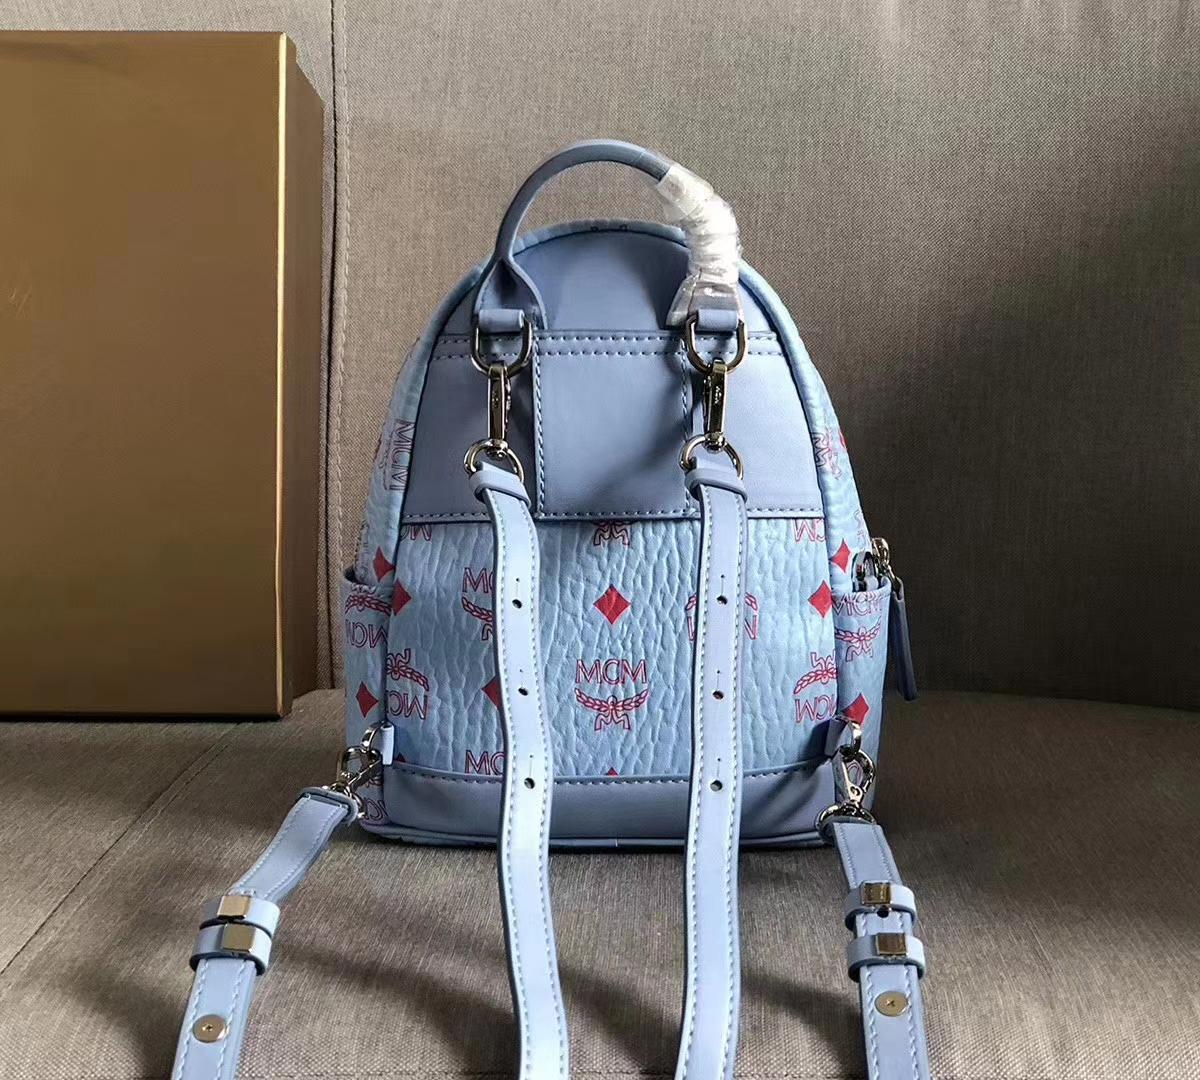 MCM经典双肩包超mini号 实用单品 经典Visetos印花设计 轻盈的粘合涂层帆布制成